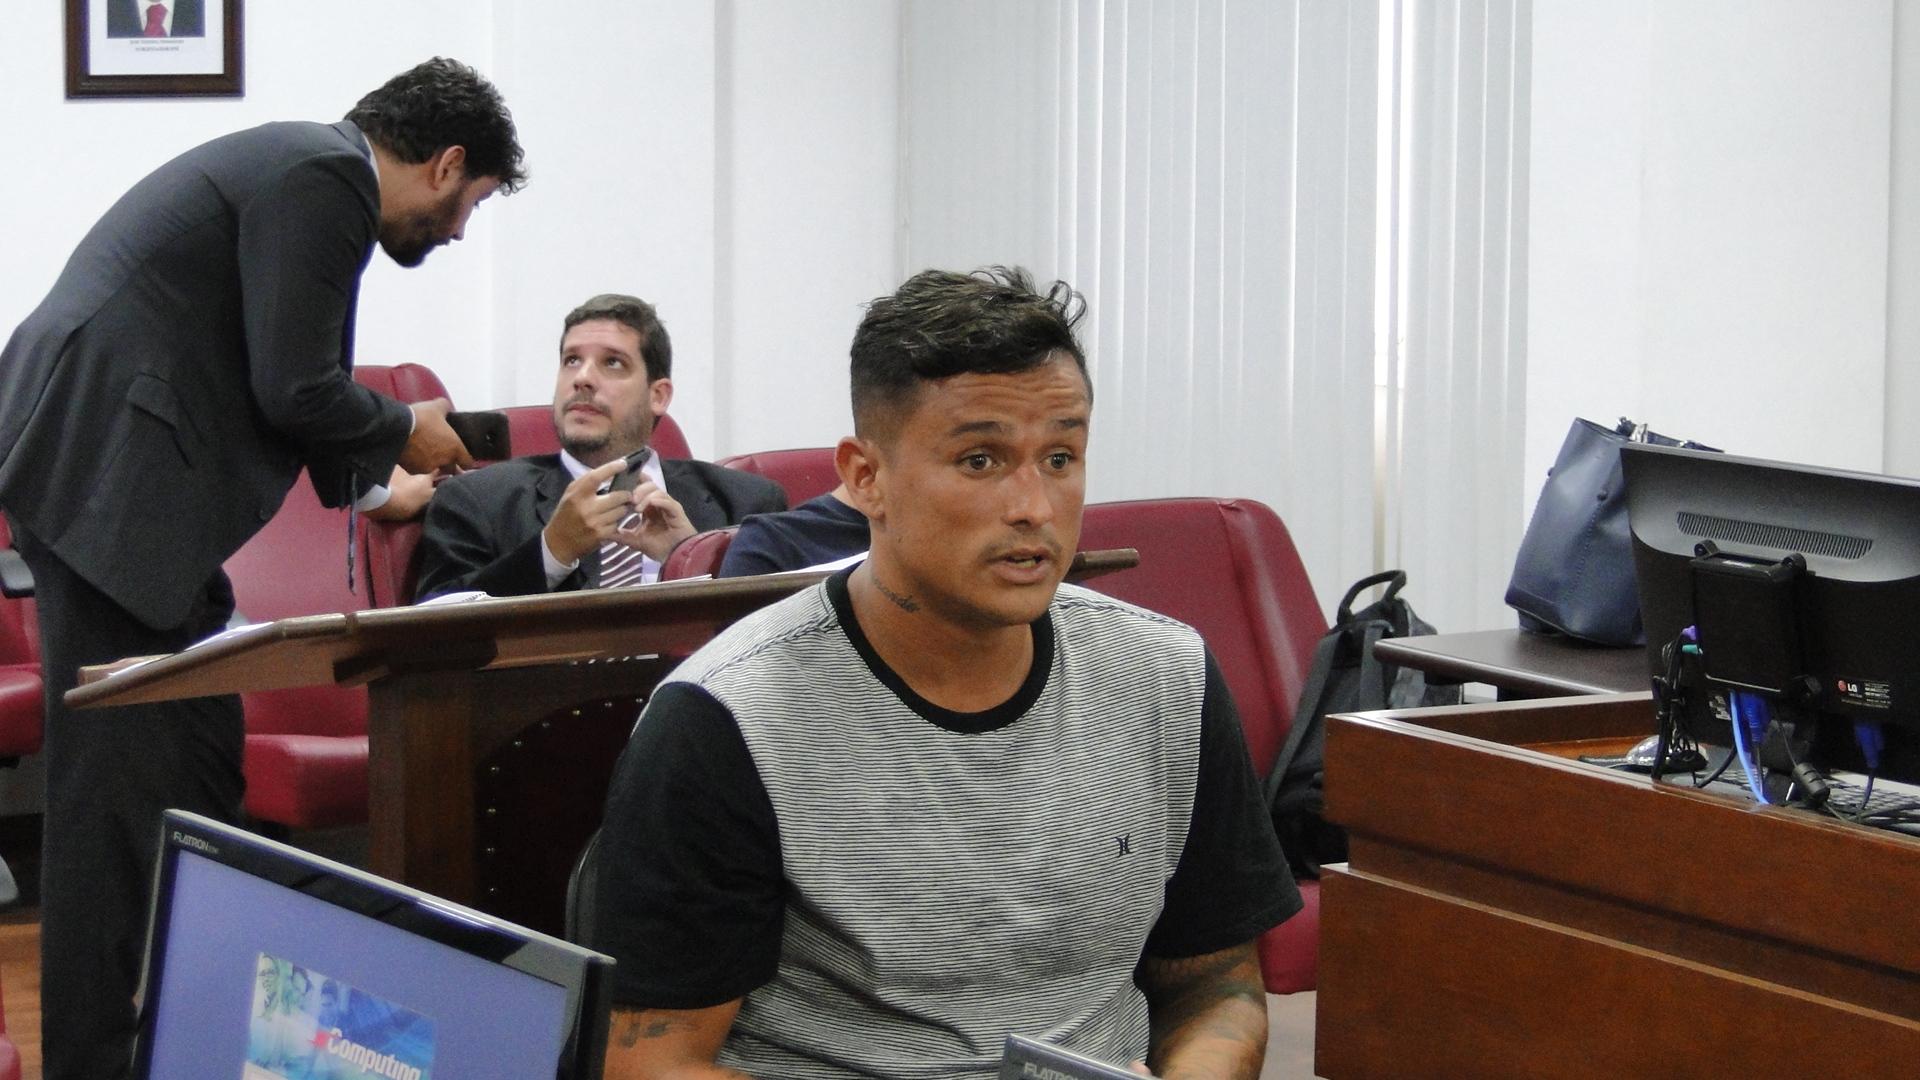 Edu e Marcos do Sul são punidos por confusão com delegado da partida